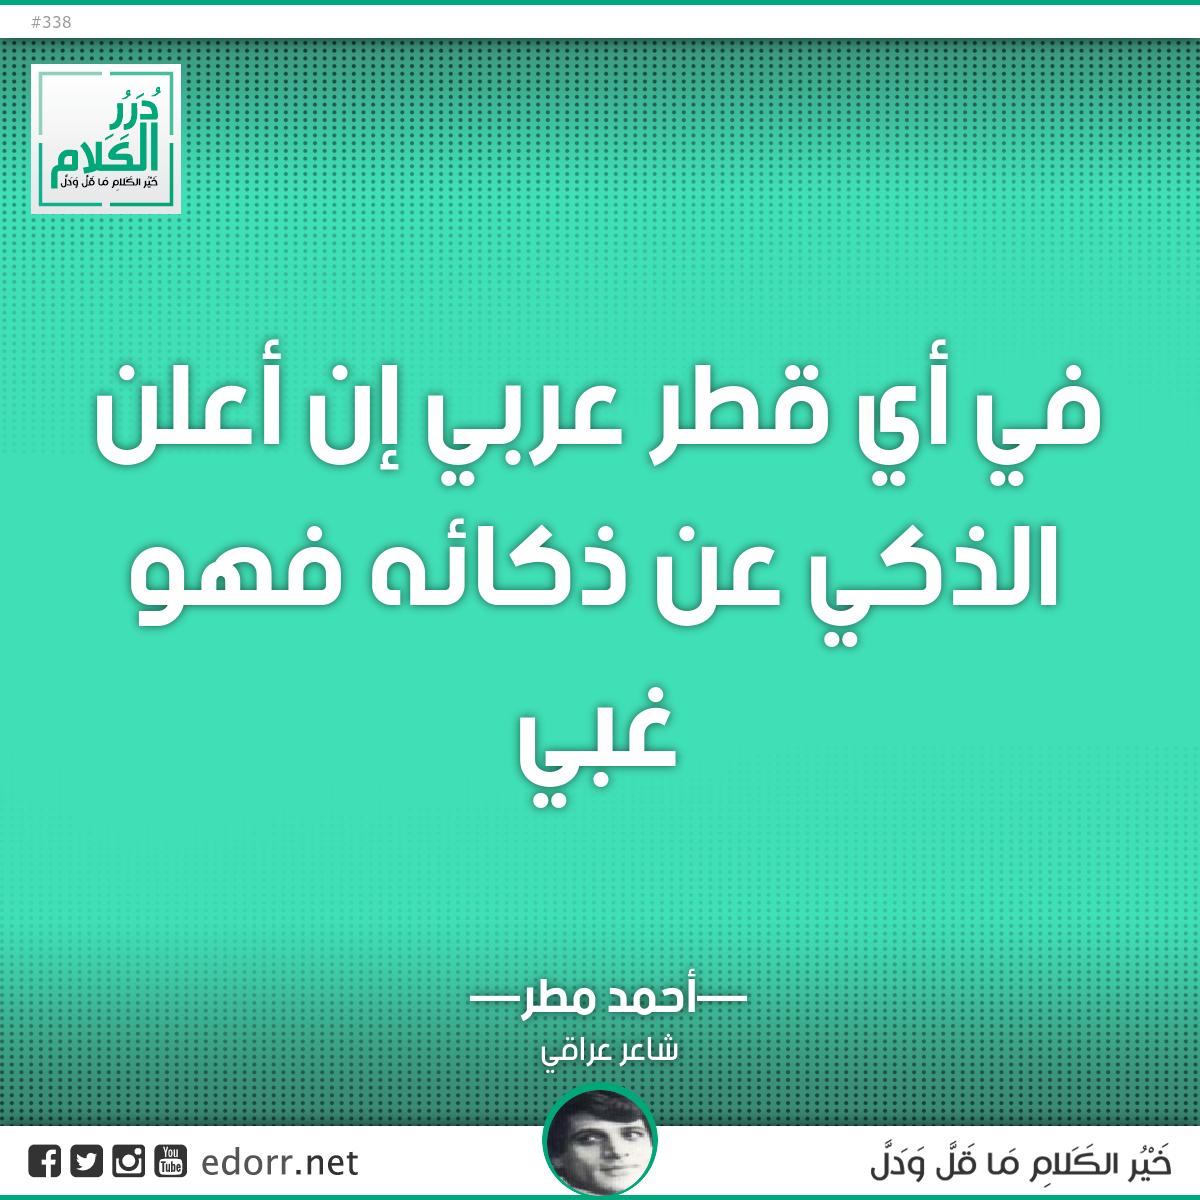 في أي قطر عربي .. إن أعلن الذكي عن ذكائه .. فهو غبي